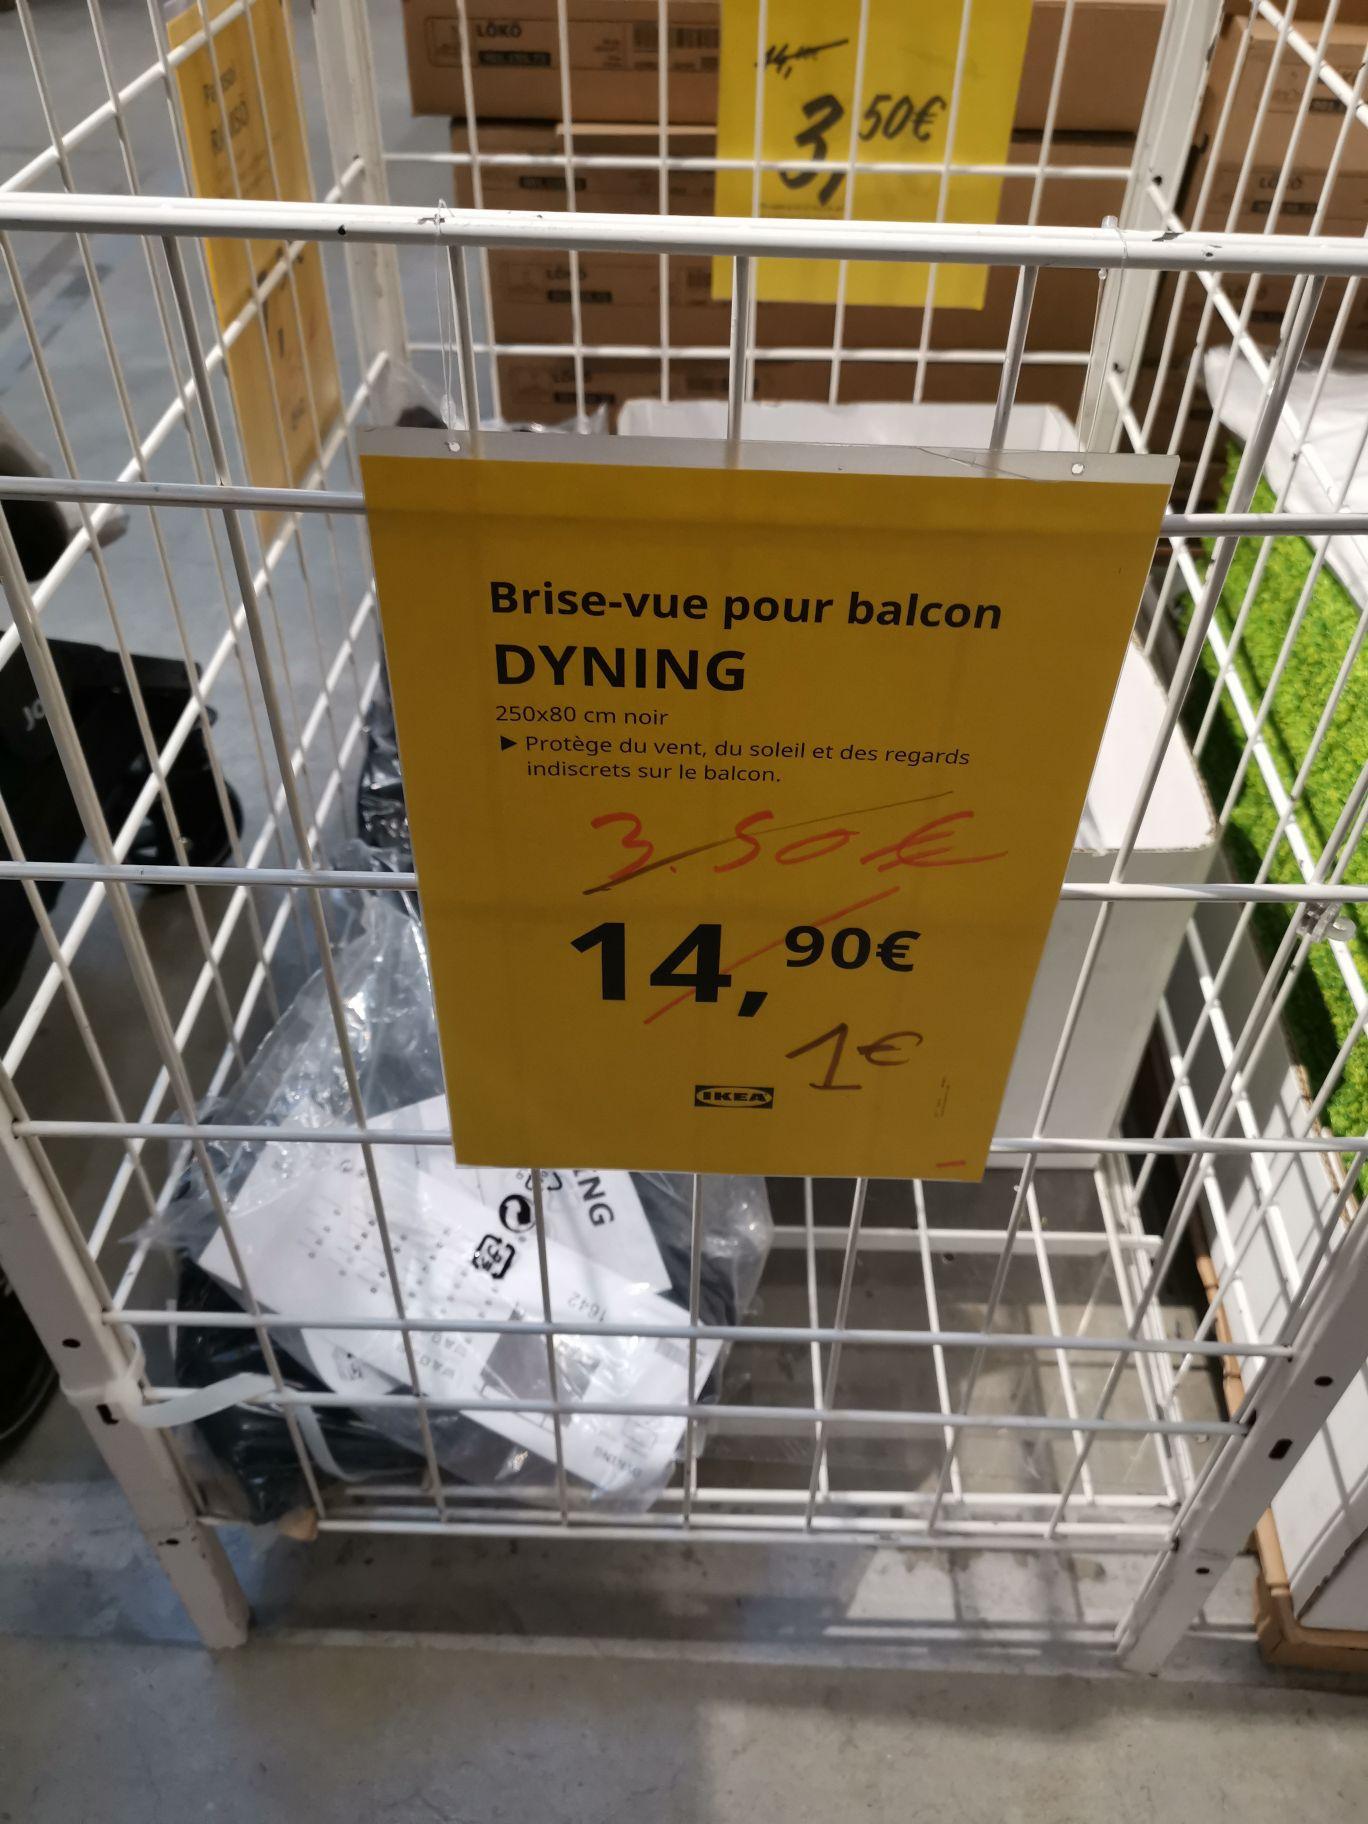 Brise vue pour balcon Dyning - Tours (37)